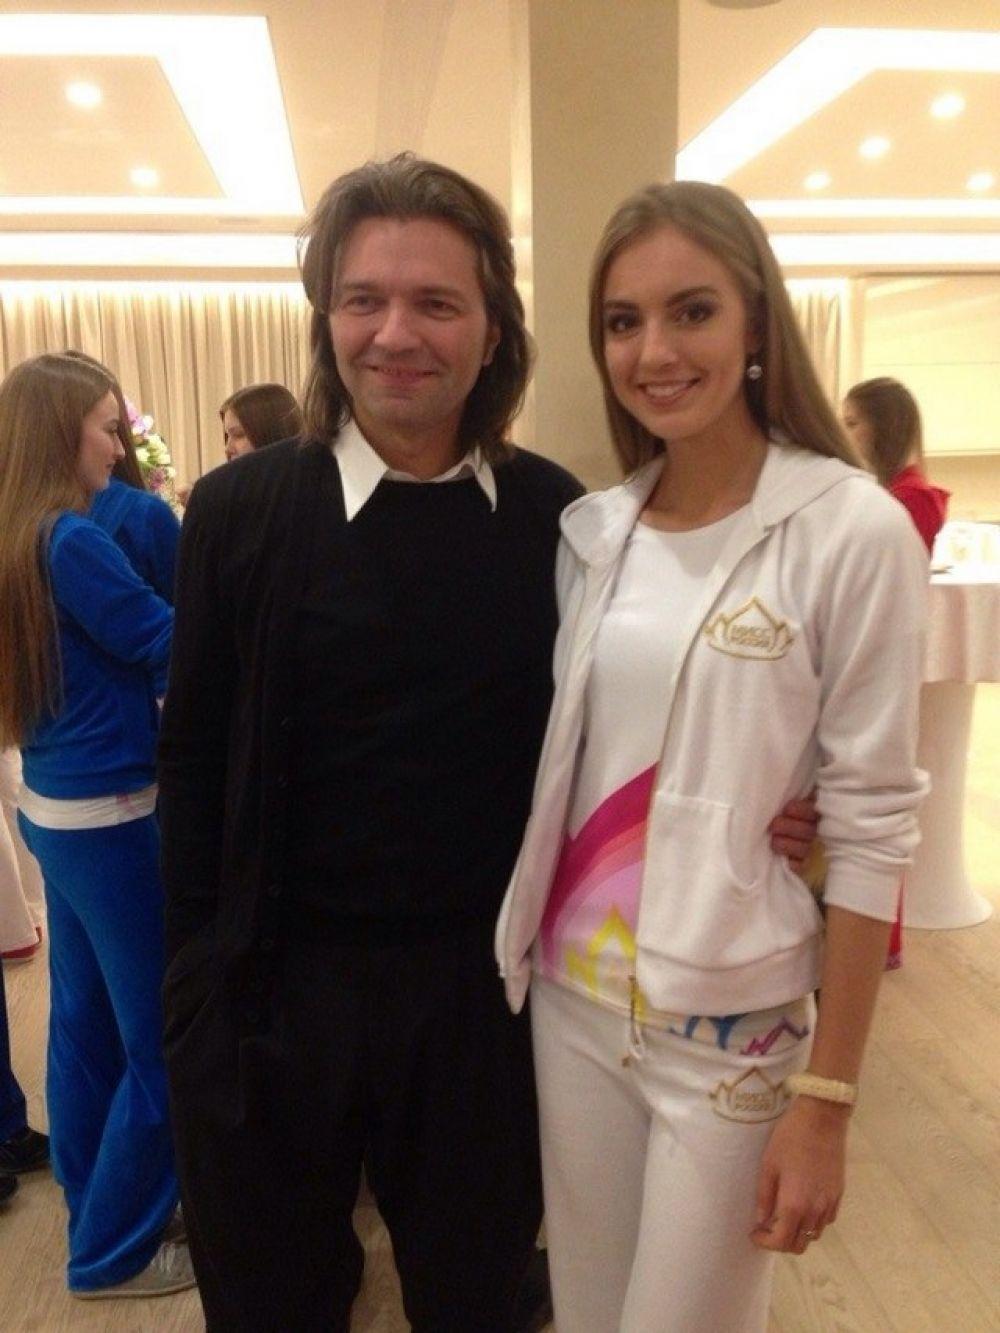 С Дмитрием Маликовым в перерыве между конкурсами.